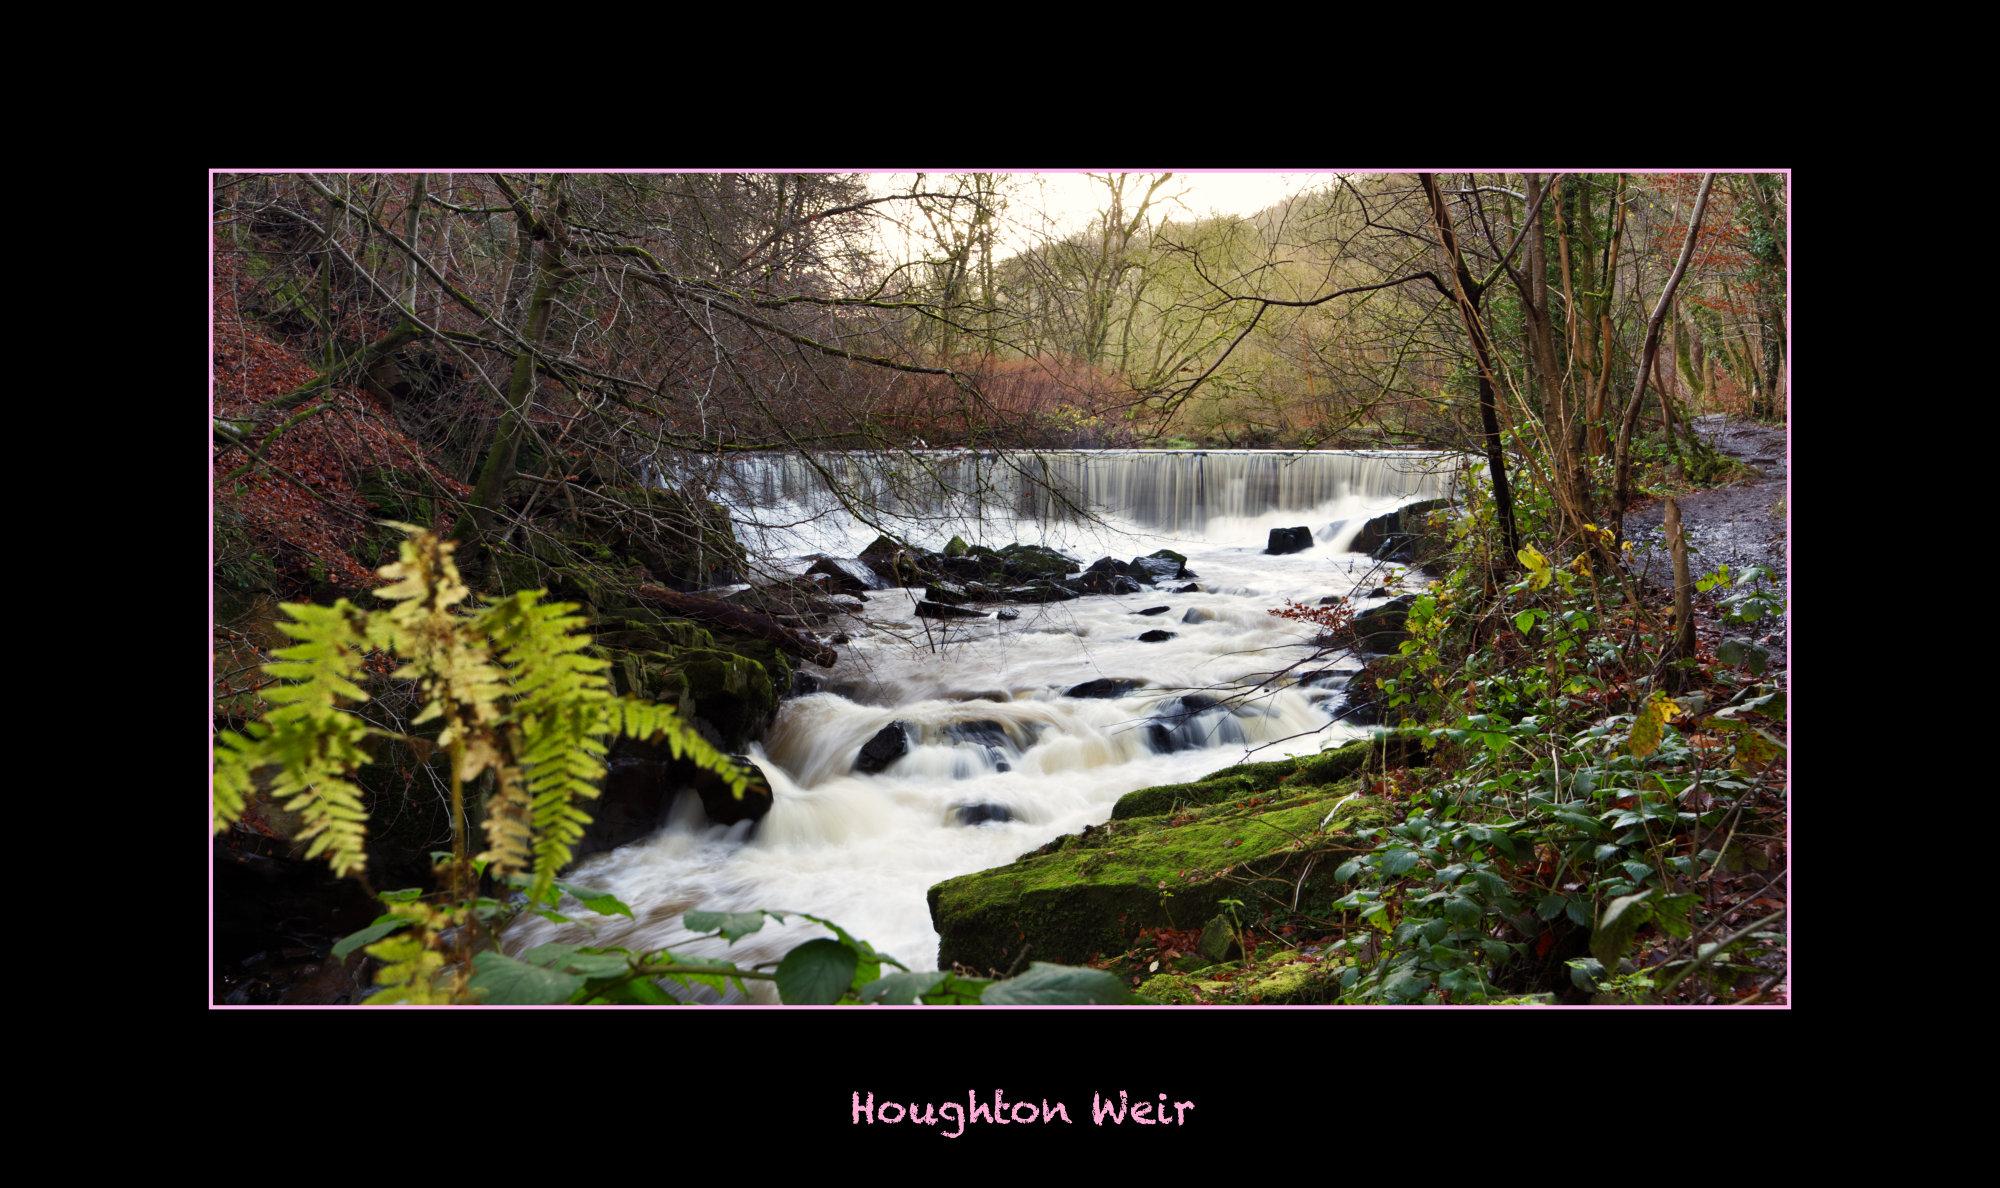 Houghton Weir